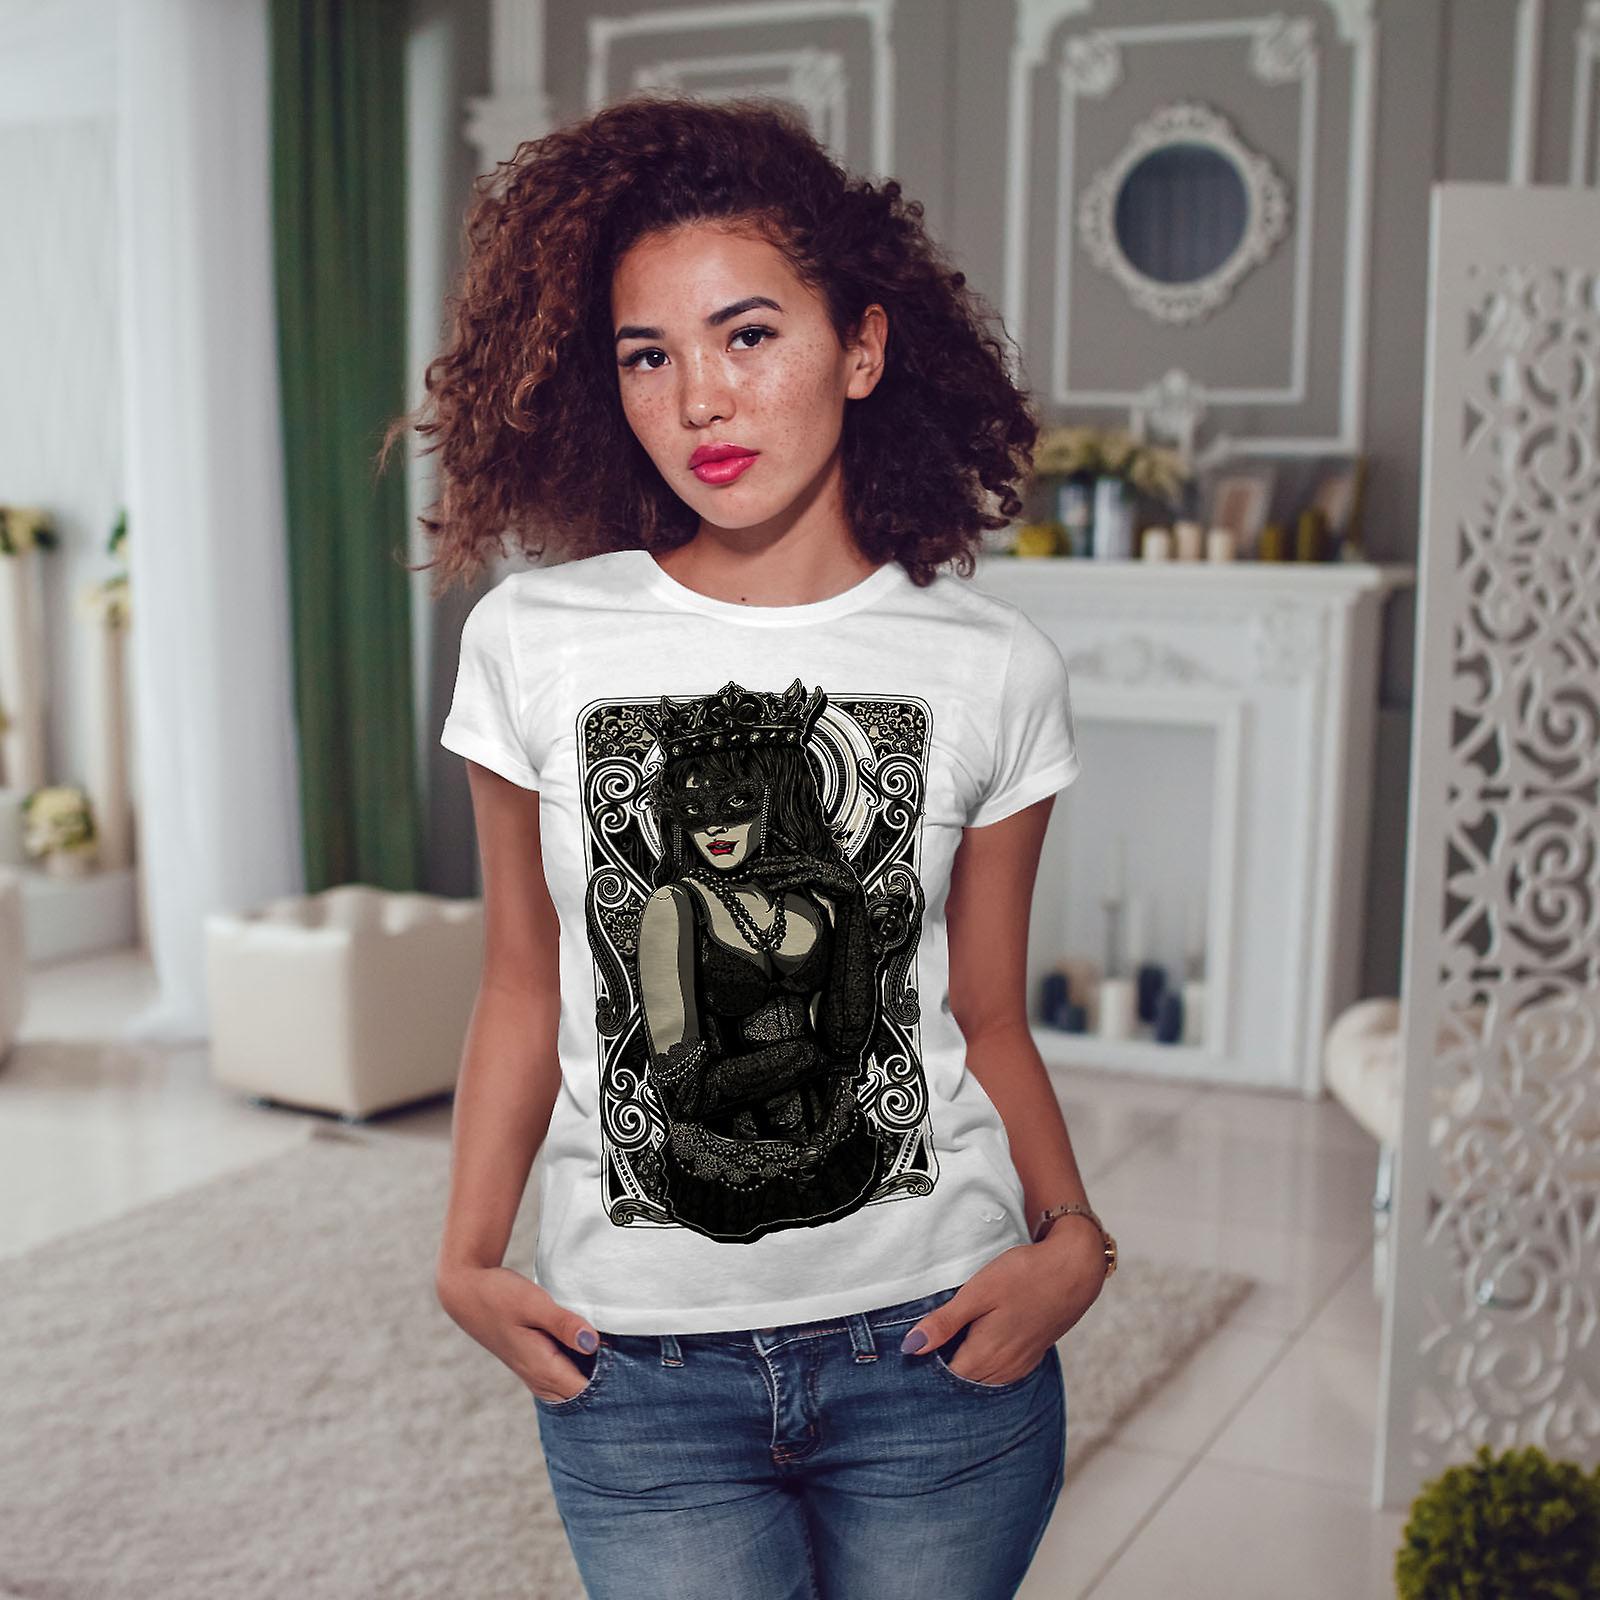 WhiteT-chemise de femme fille masque Reine | Wellcoda